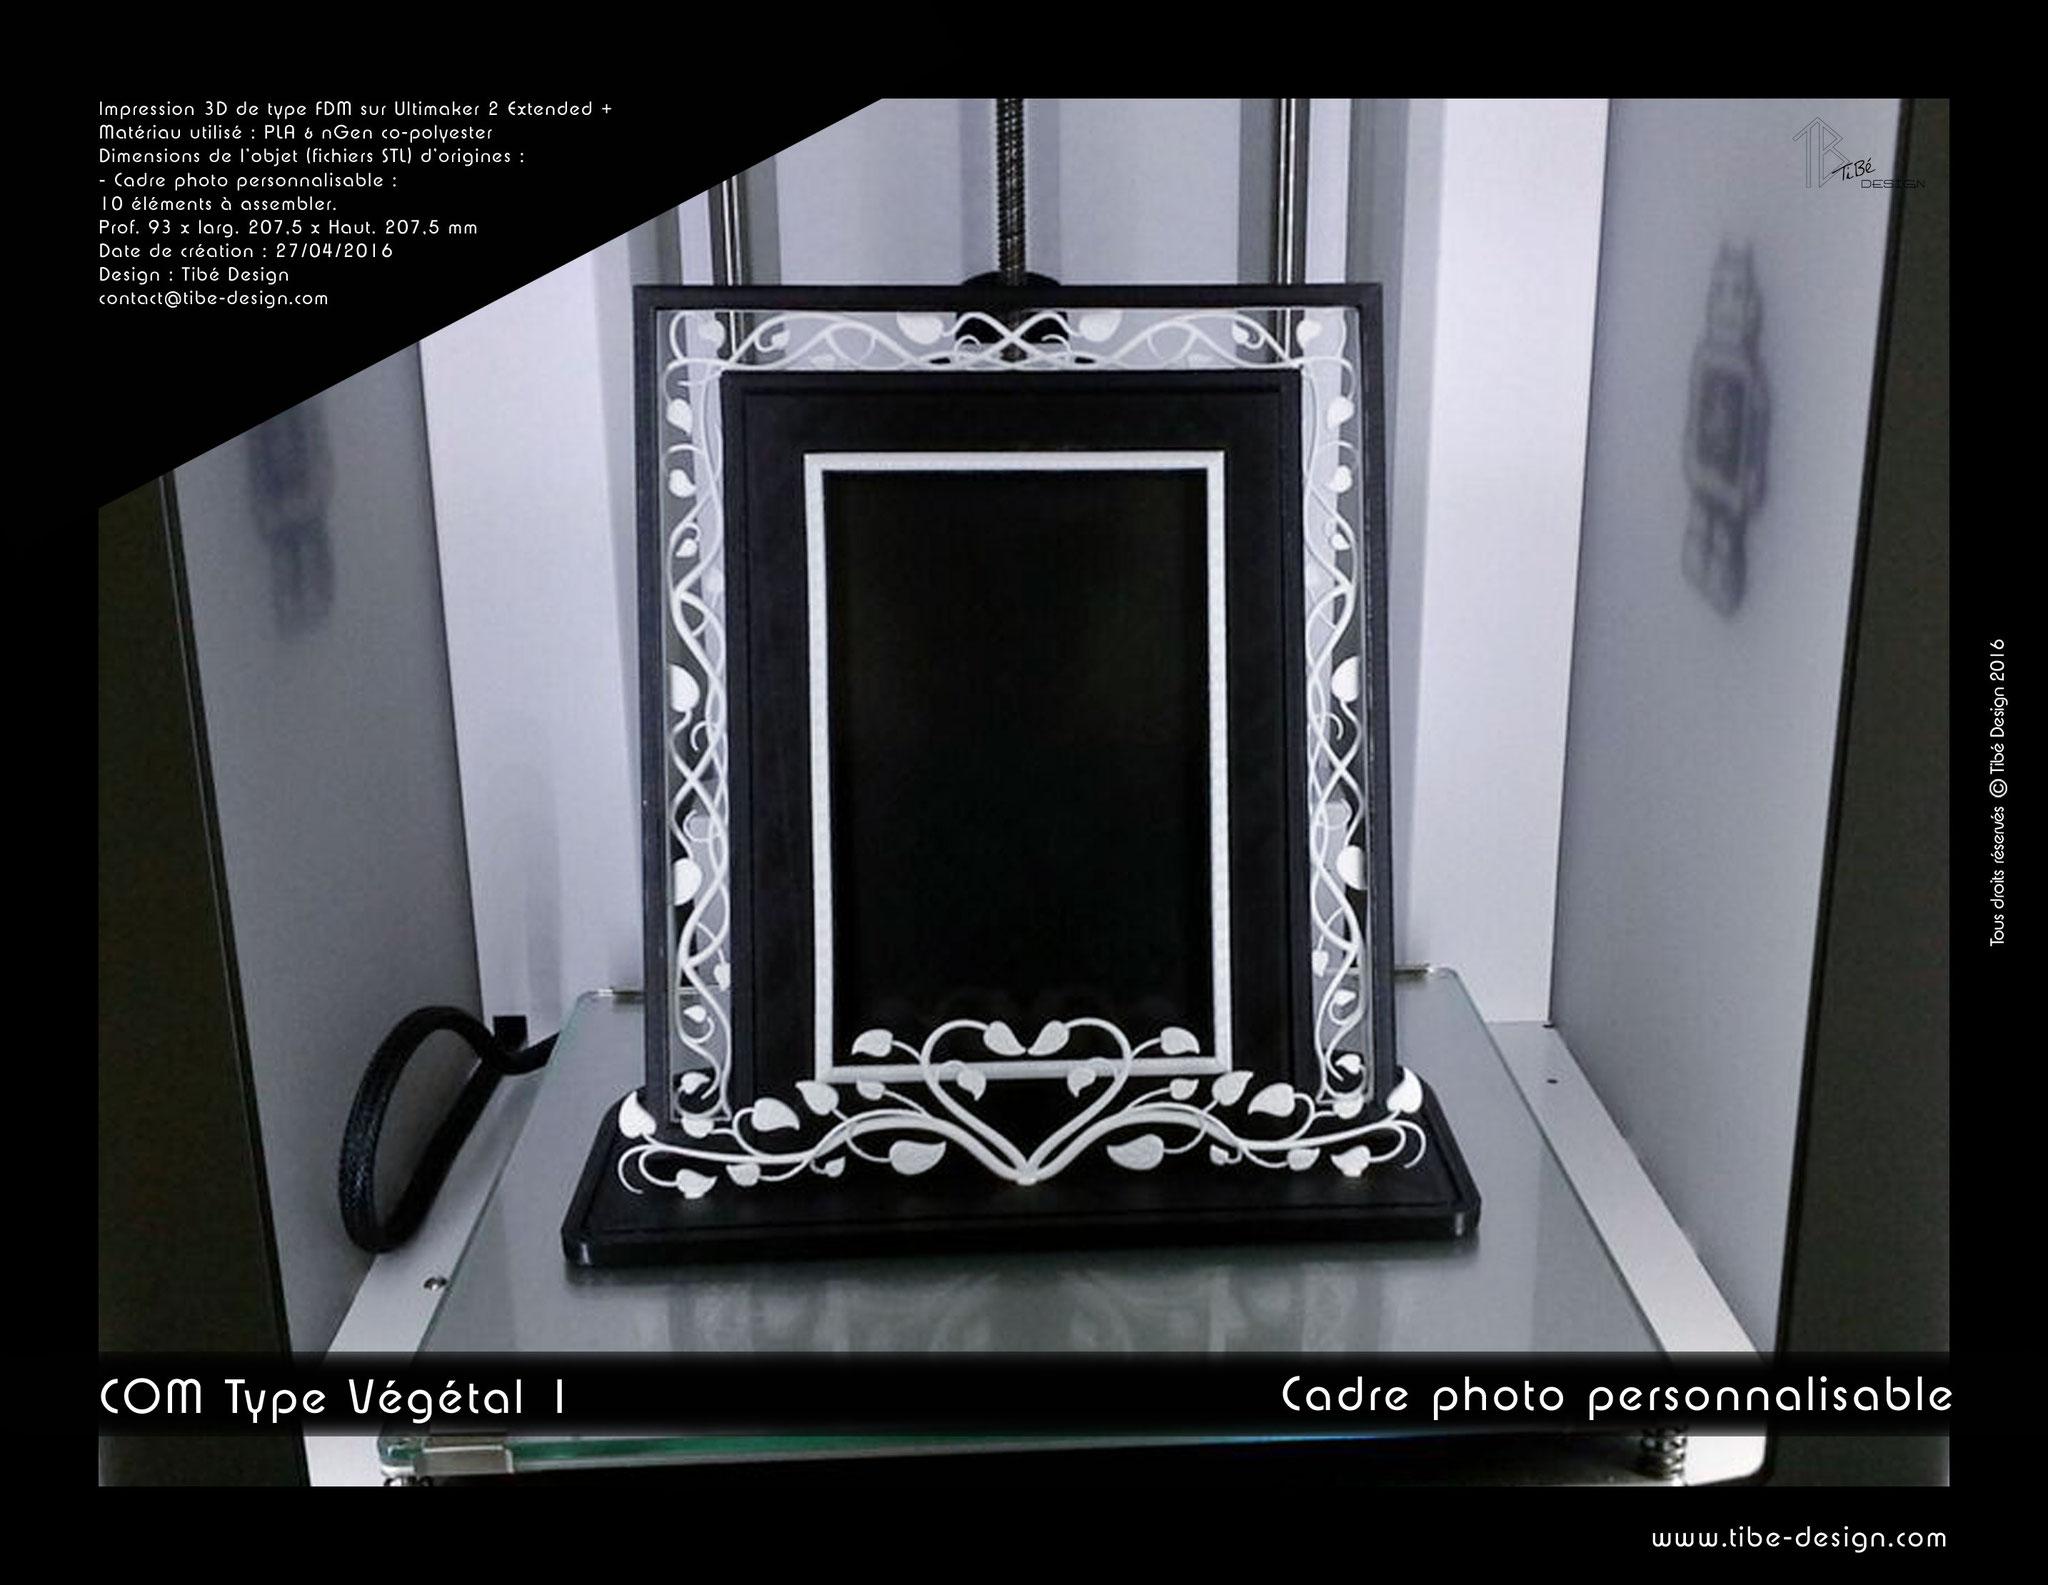 Cadre photo personnalisable print 3D design COM type Végétal